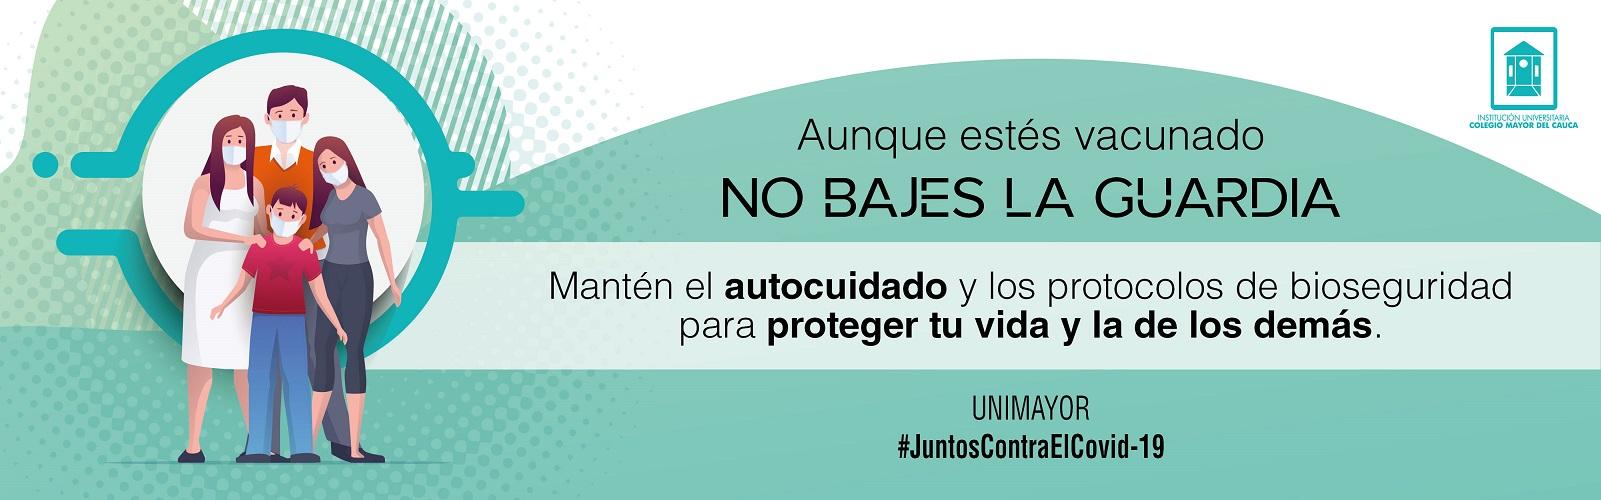 Banner_Protocolos_AutoCuidado